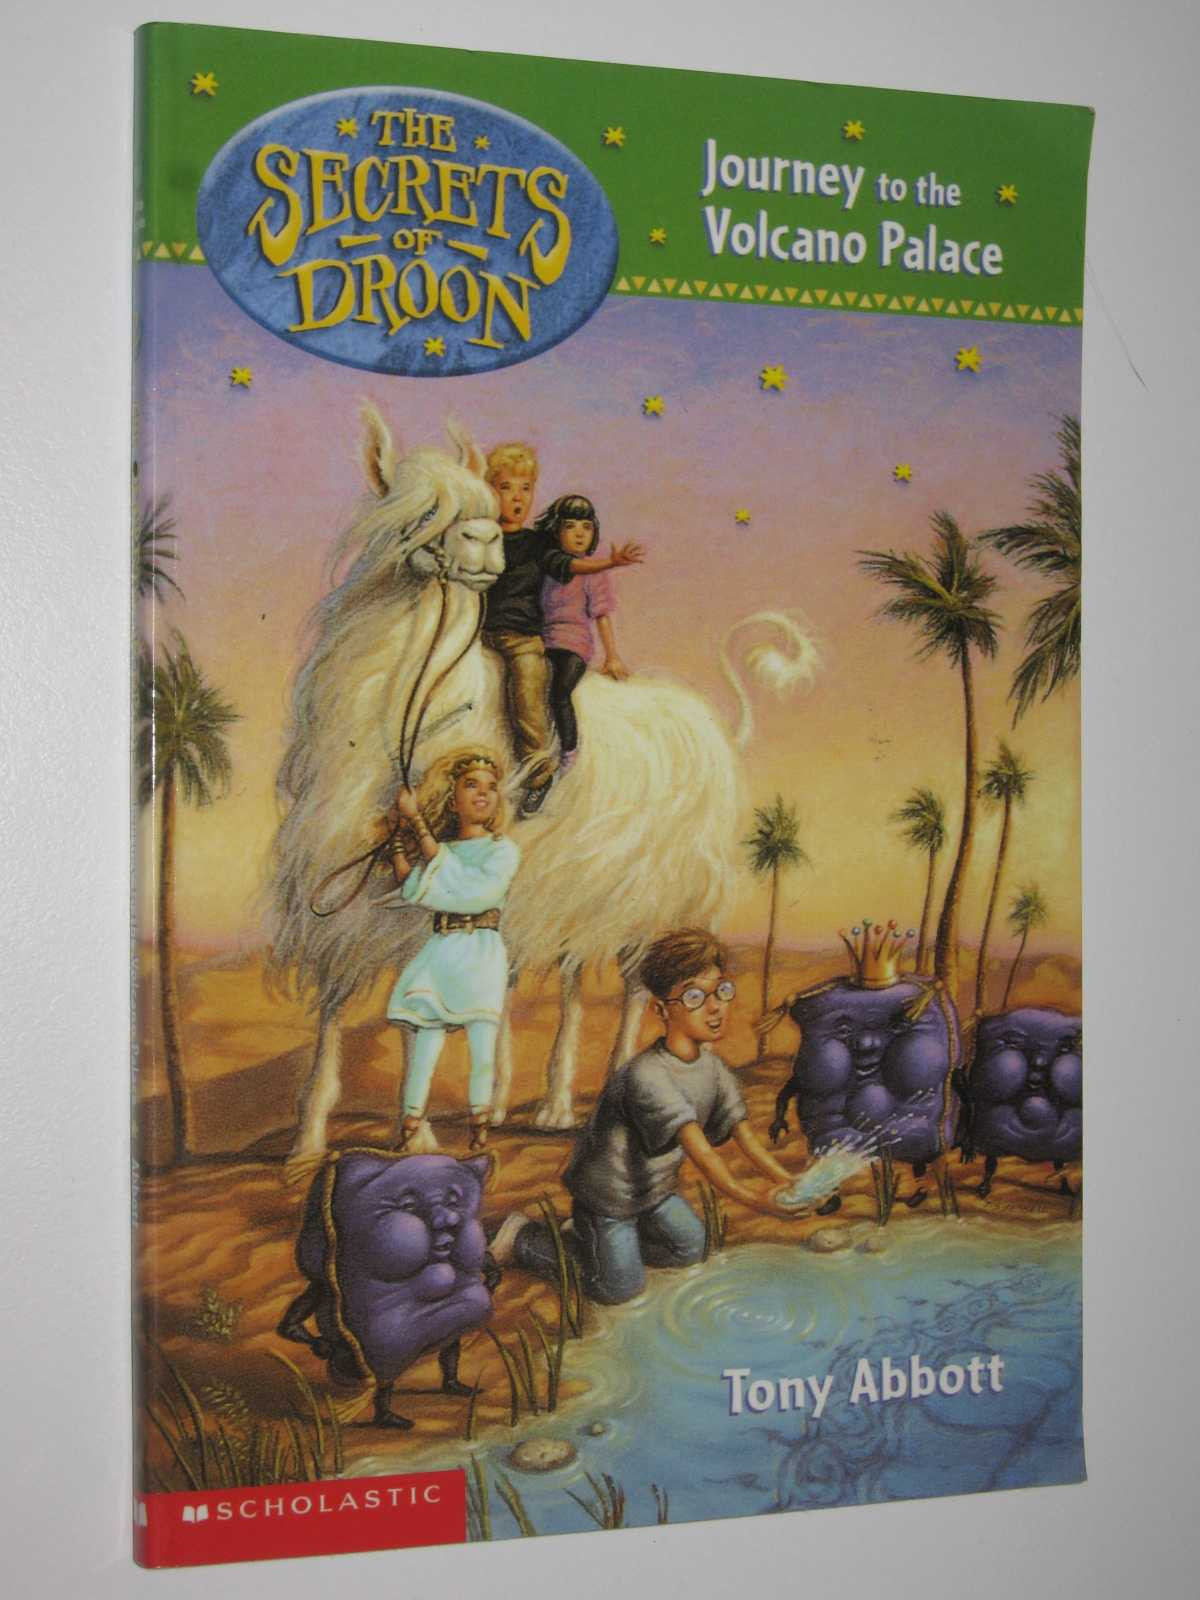 Journey to the Volcano Palace - Secrets of Droon #2, Abbott, Tony